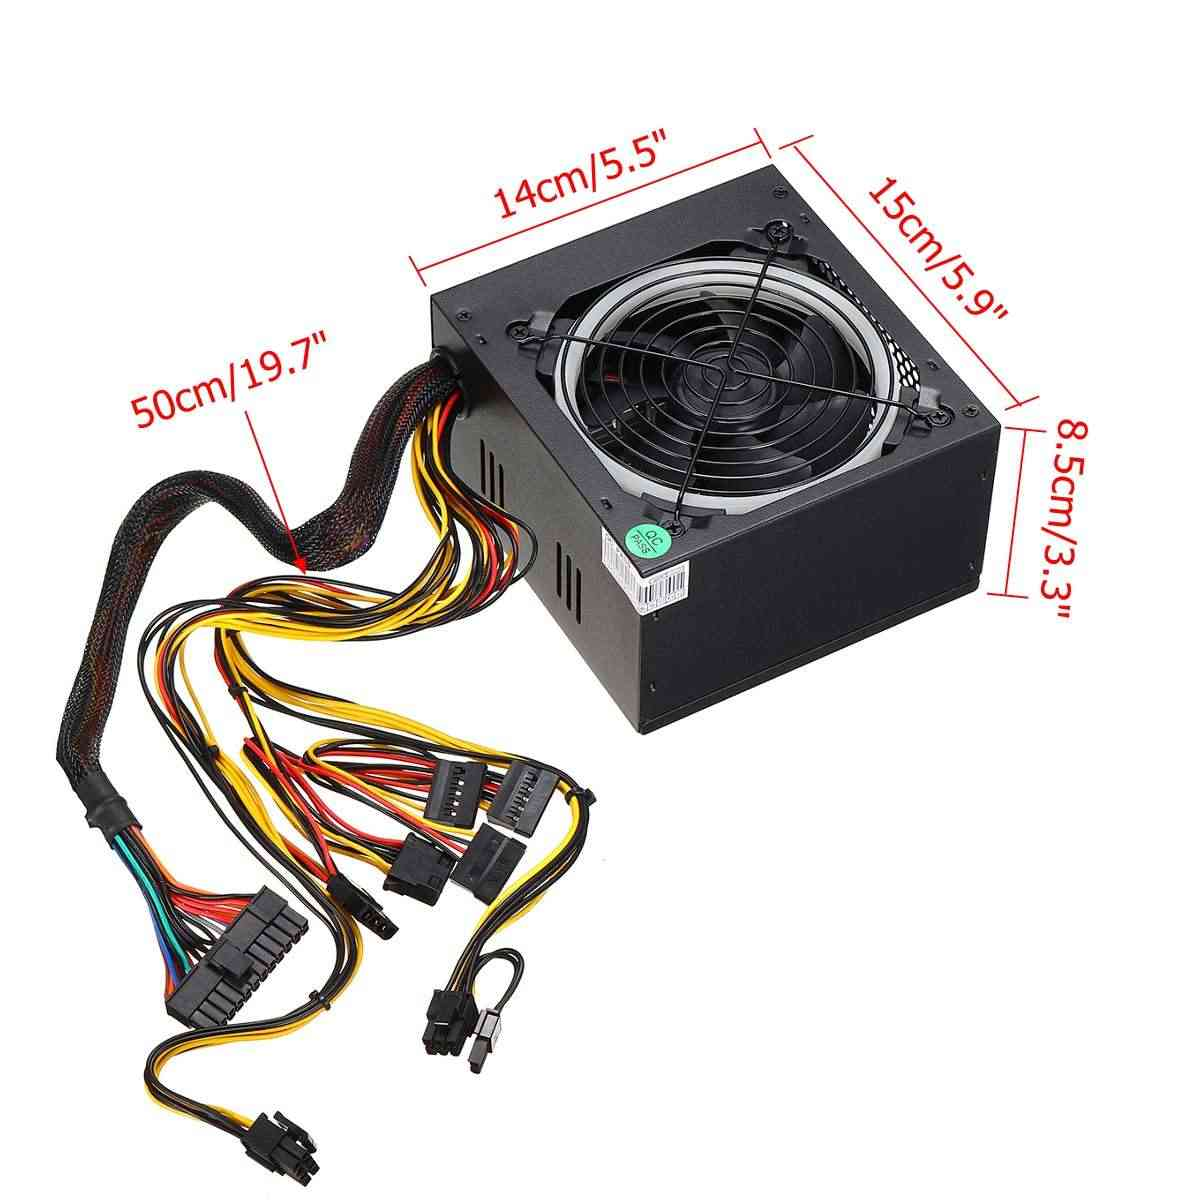 Max 800W zasilacz PSU PFC 110V US wtyczka 12cm wielokolorowe oświetlenie LED wentylator 24 Pin PCI SATA 12V ATX komputer do gier zasilacz